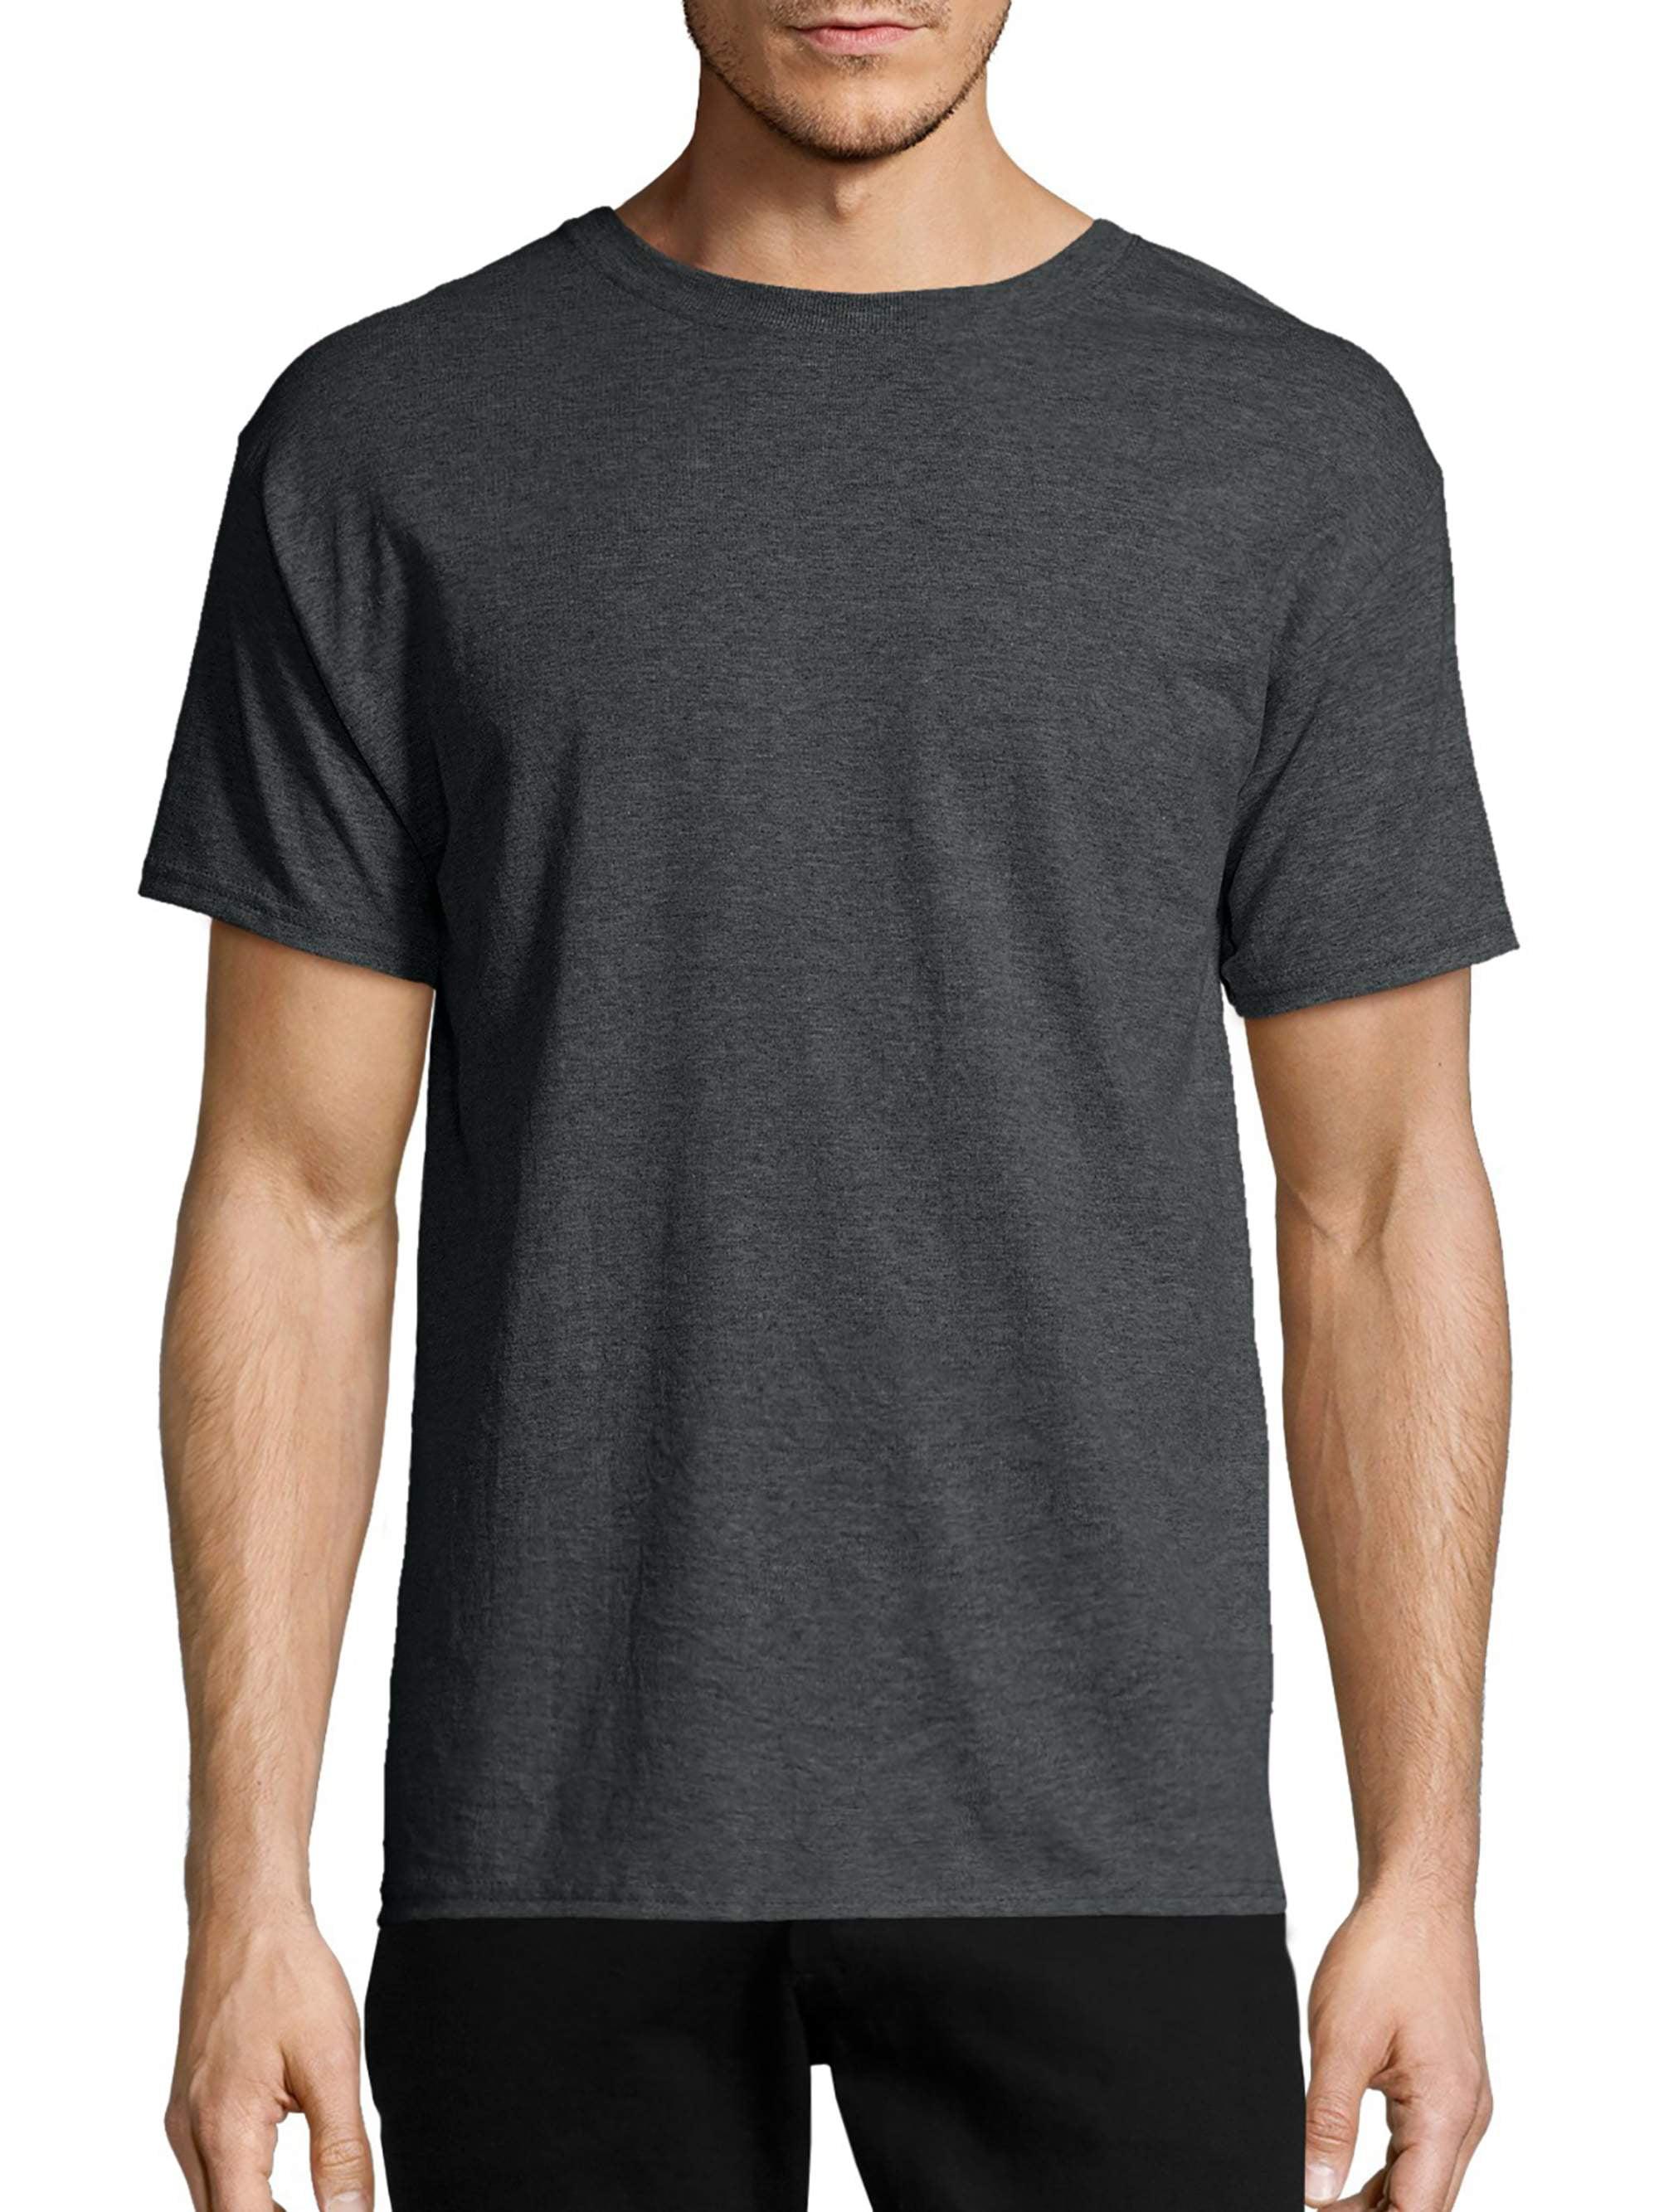 73facfbfb8c Men's EcoSmart Soft Jersey Fabric Short Sleeve T-shirt - Walmart.com